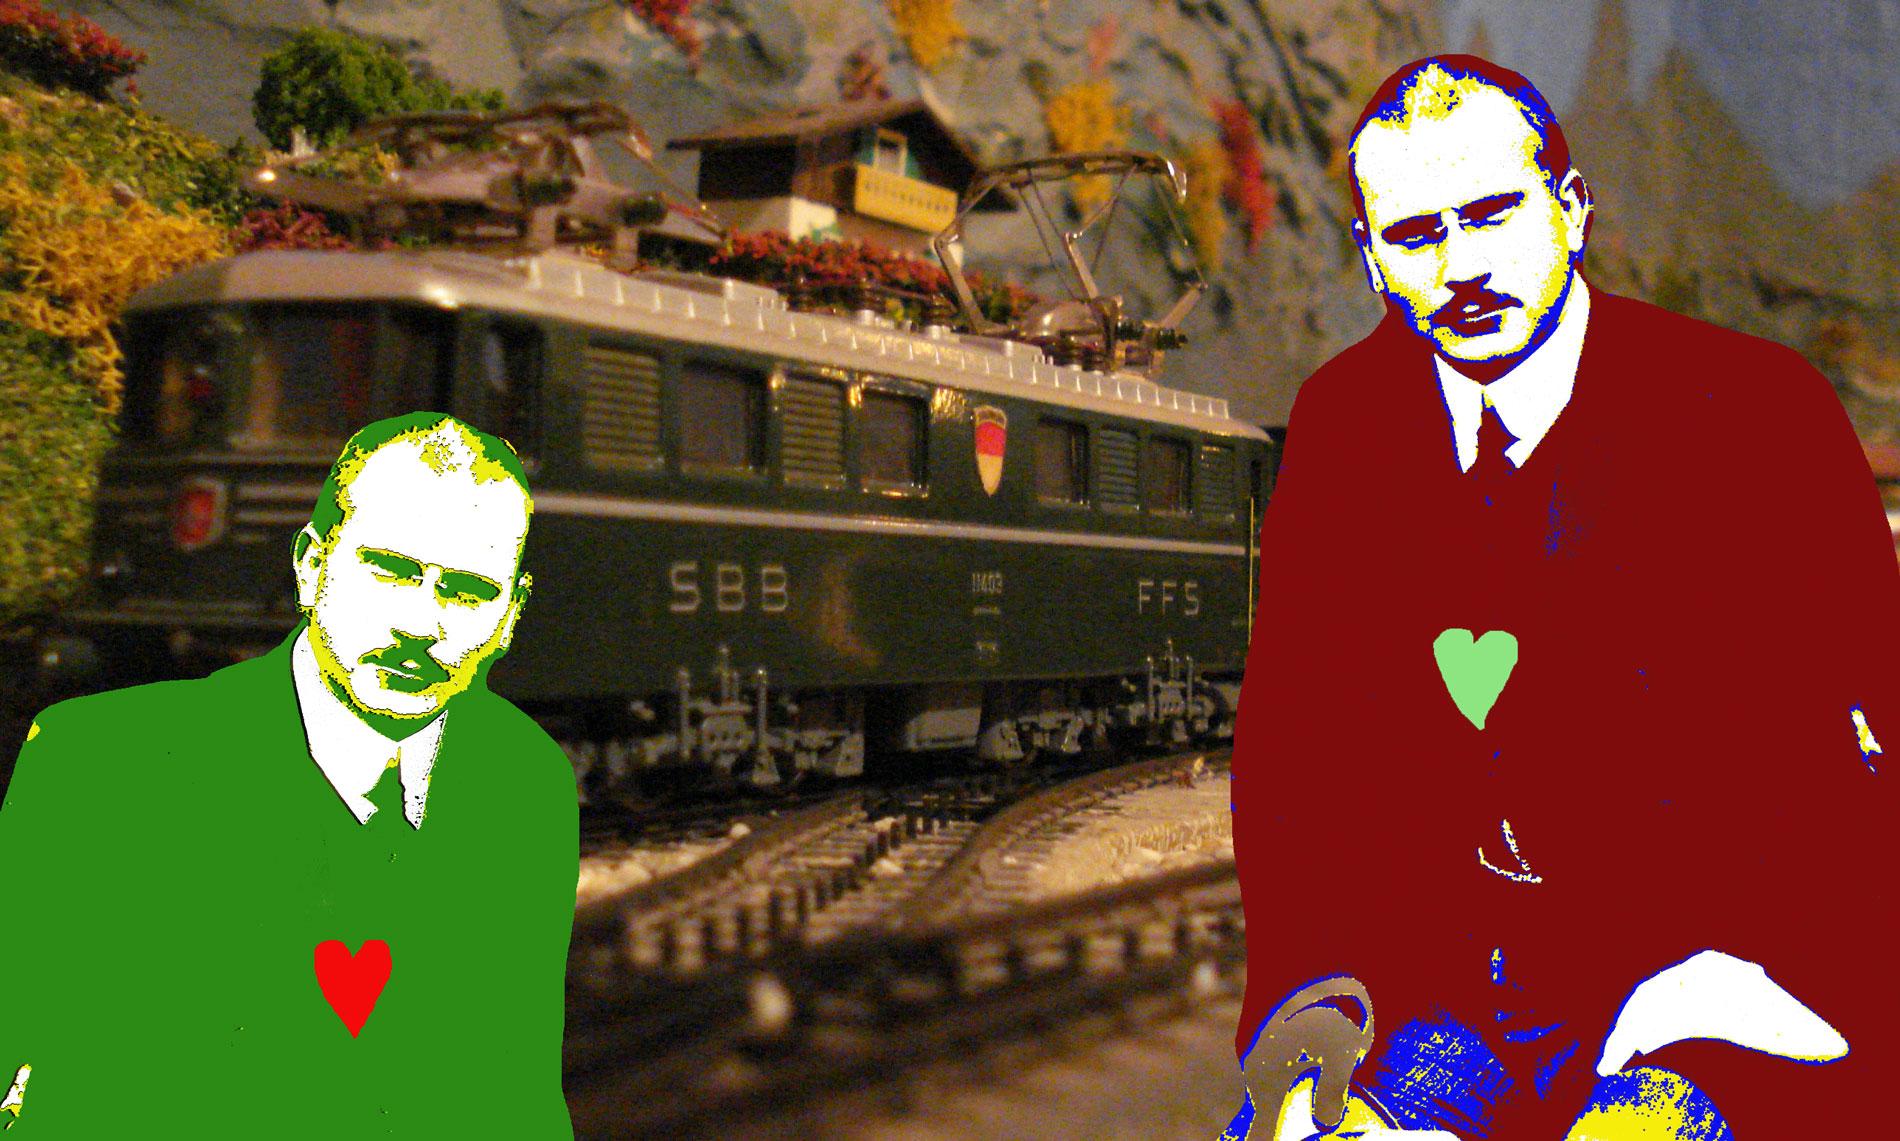 Les deux esprits de Jung, par SKI Stef Kervor Infographie pour Eden Saga, d'après : Carl-Jung-mod, Суспільне надбання (Public Domain), https://commons.wikimedia.org/w/index.php?curid=1224566 -- et d'après : Un train direct suisse typique des années 1950-1960, remorqué par une Ae 6/6 - CC BY-SA - https://www.notrehistoire.ch/medias/17400